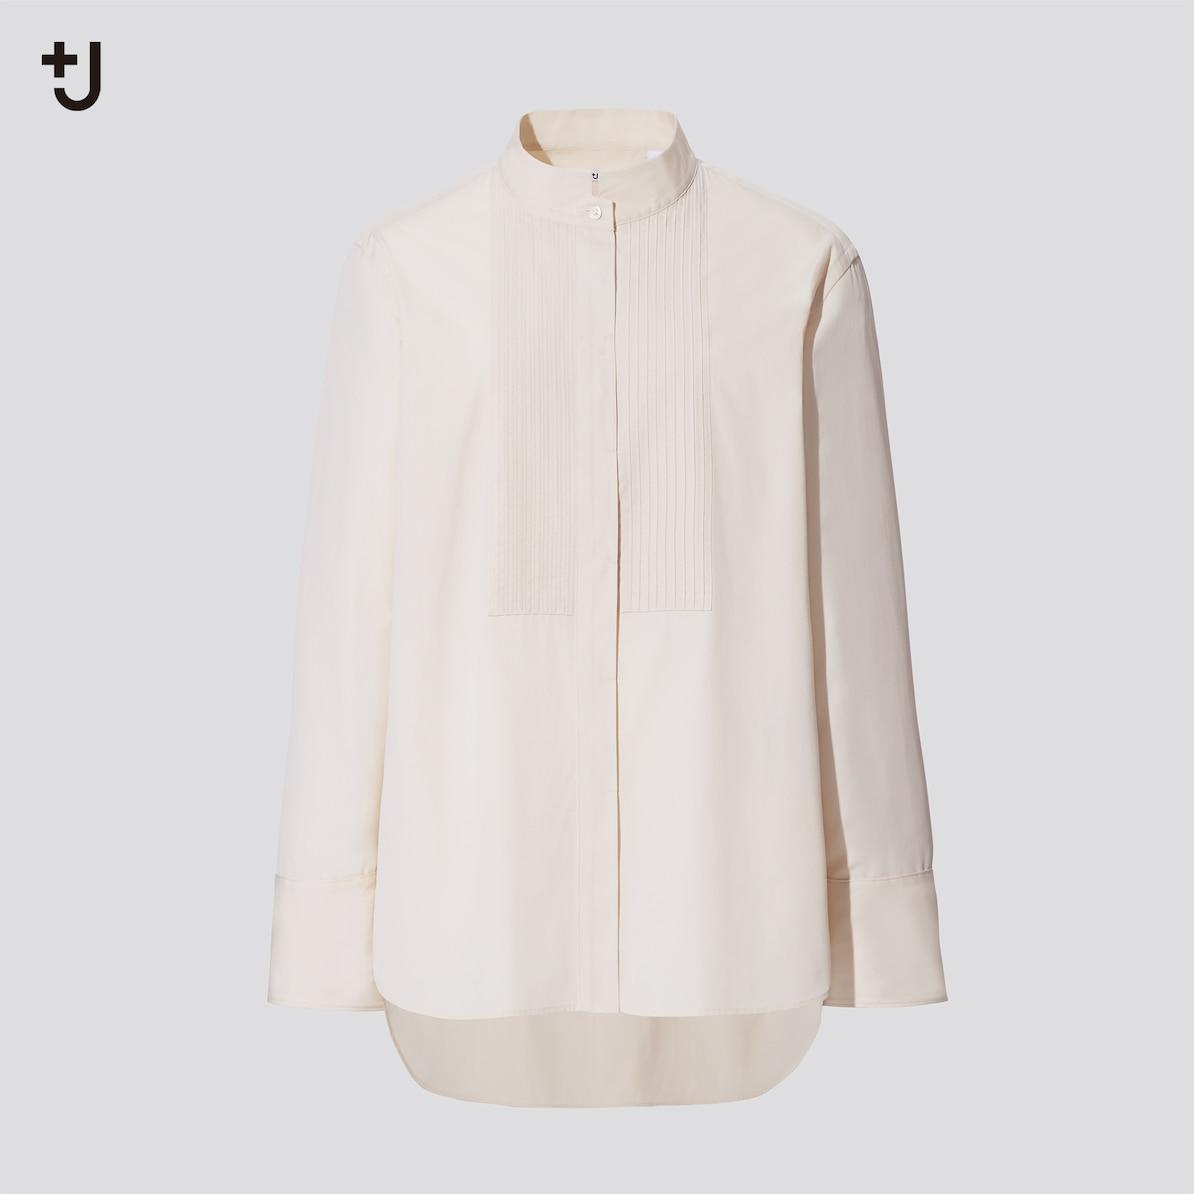 スーピマコットンタックシャツ(長袖)